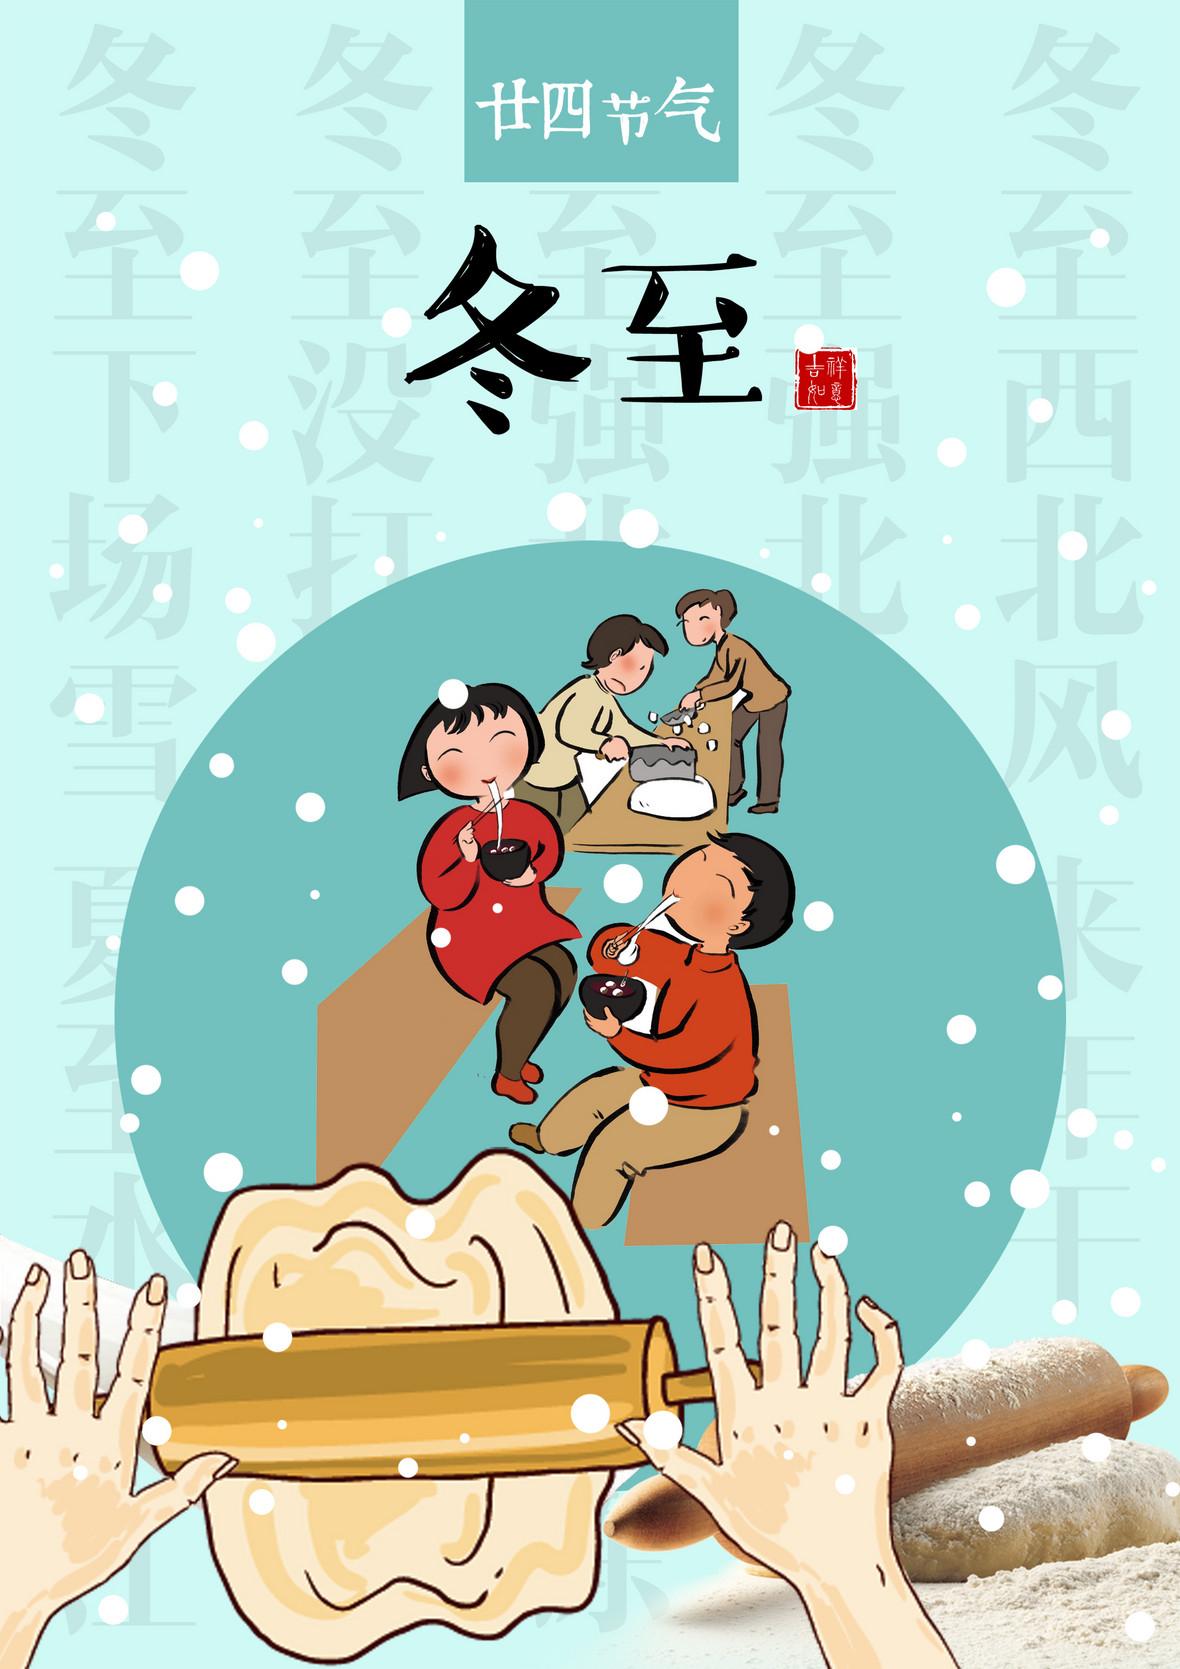 手绘卡通冬至饺子海报背景模板